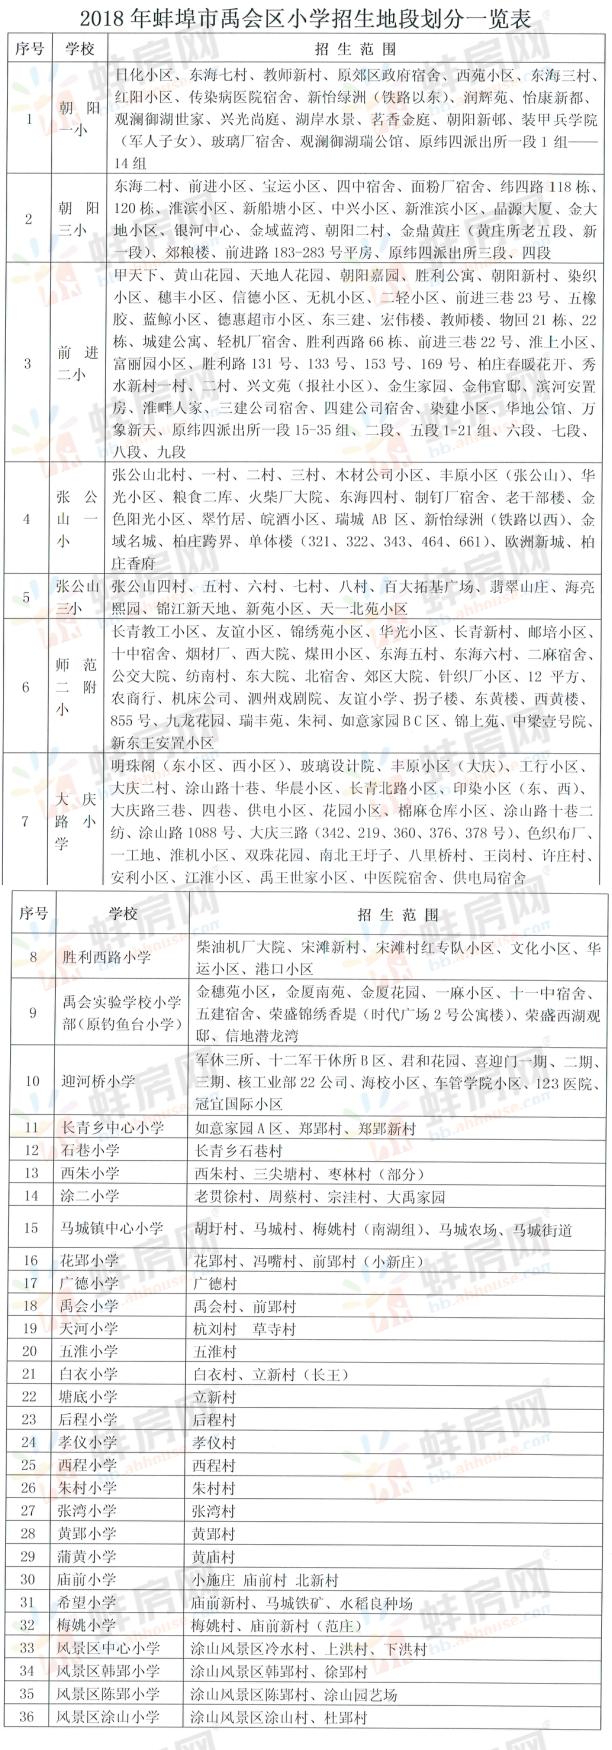 2018年蚌埠禹会区学区划分